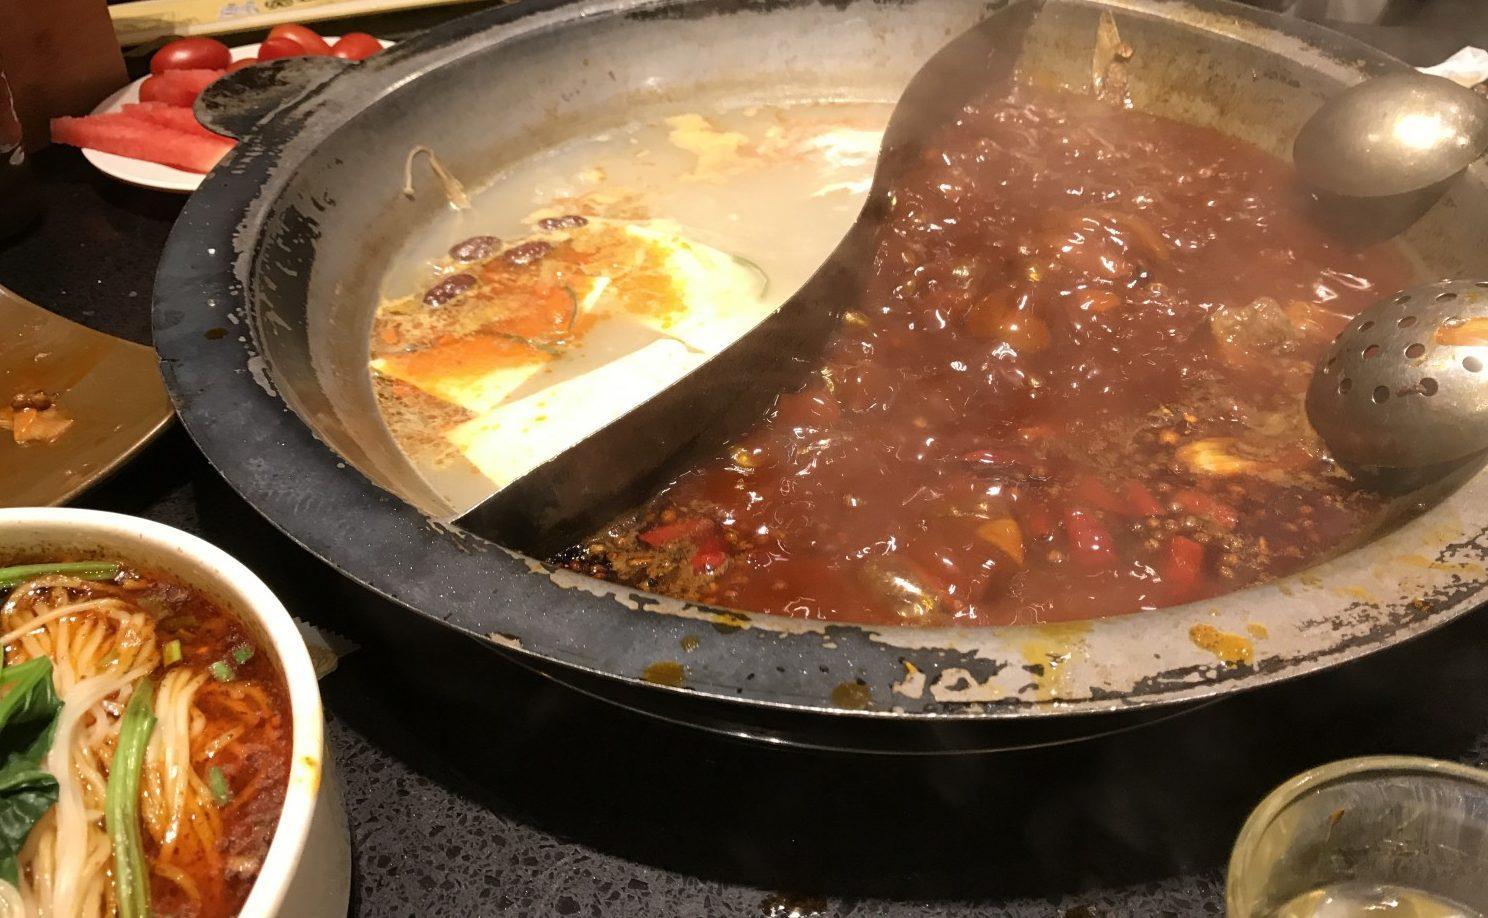 Hotpot fra Sichuan-regionen. Meget spicy.